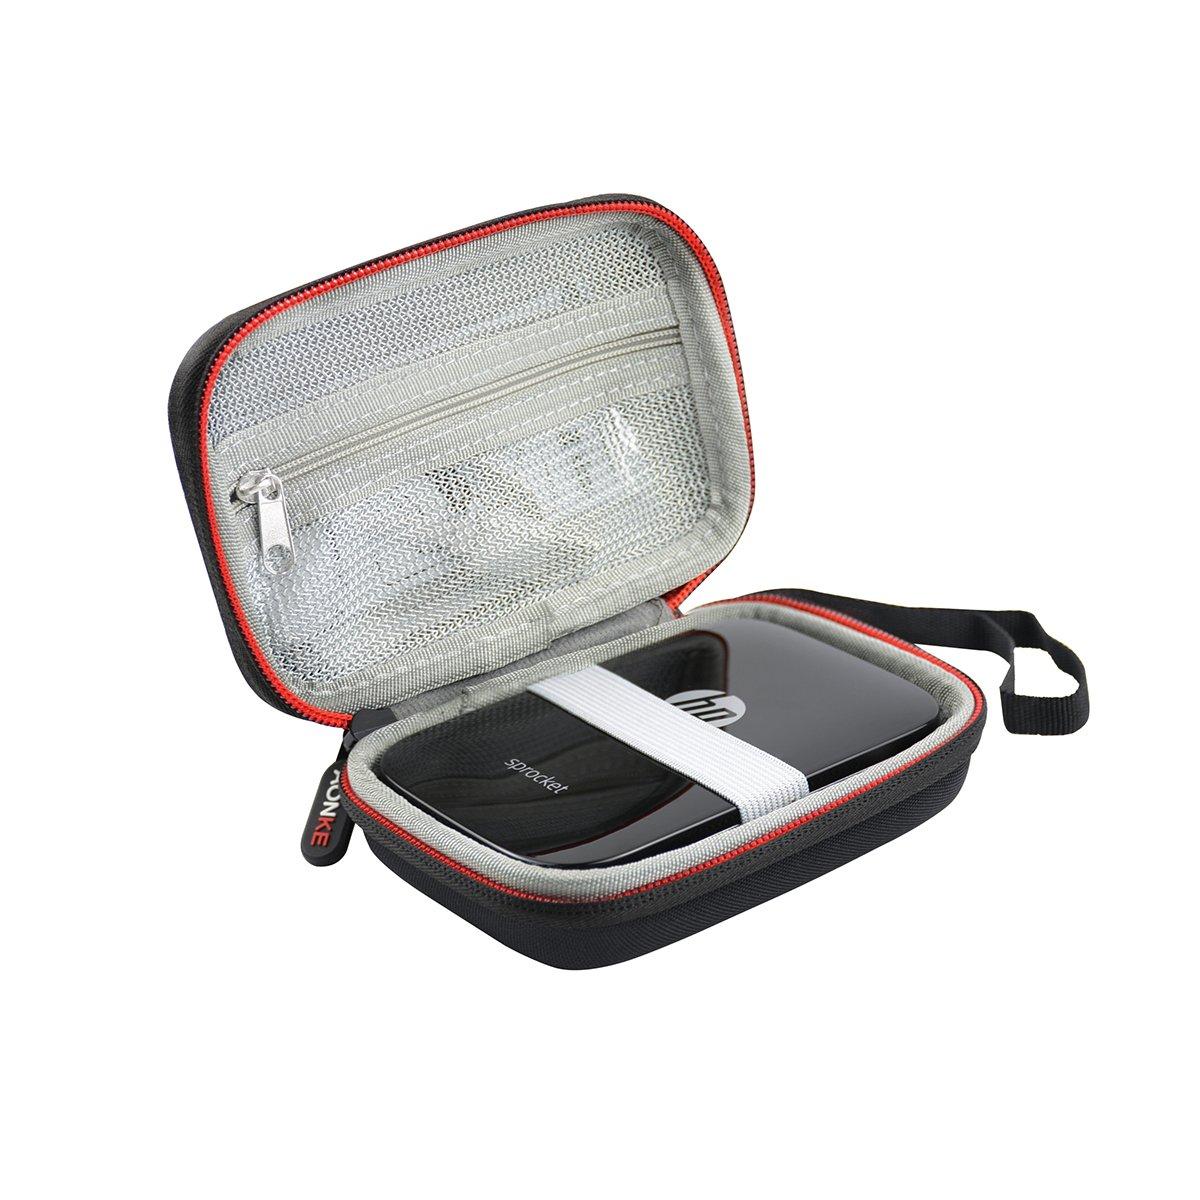 Viaggiare Conservazione il Trasporto Scatola Borsa per HP Sprocket Stampante Fotografica Portatile by AONKE (Rosso)